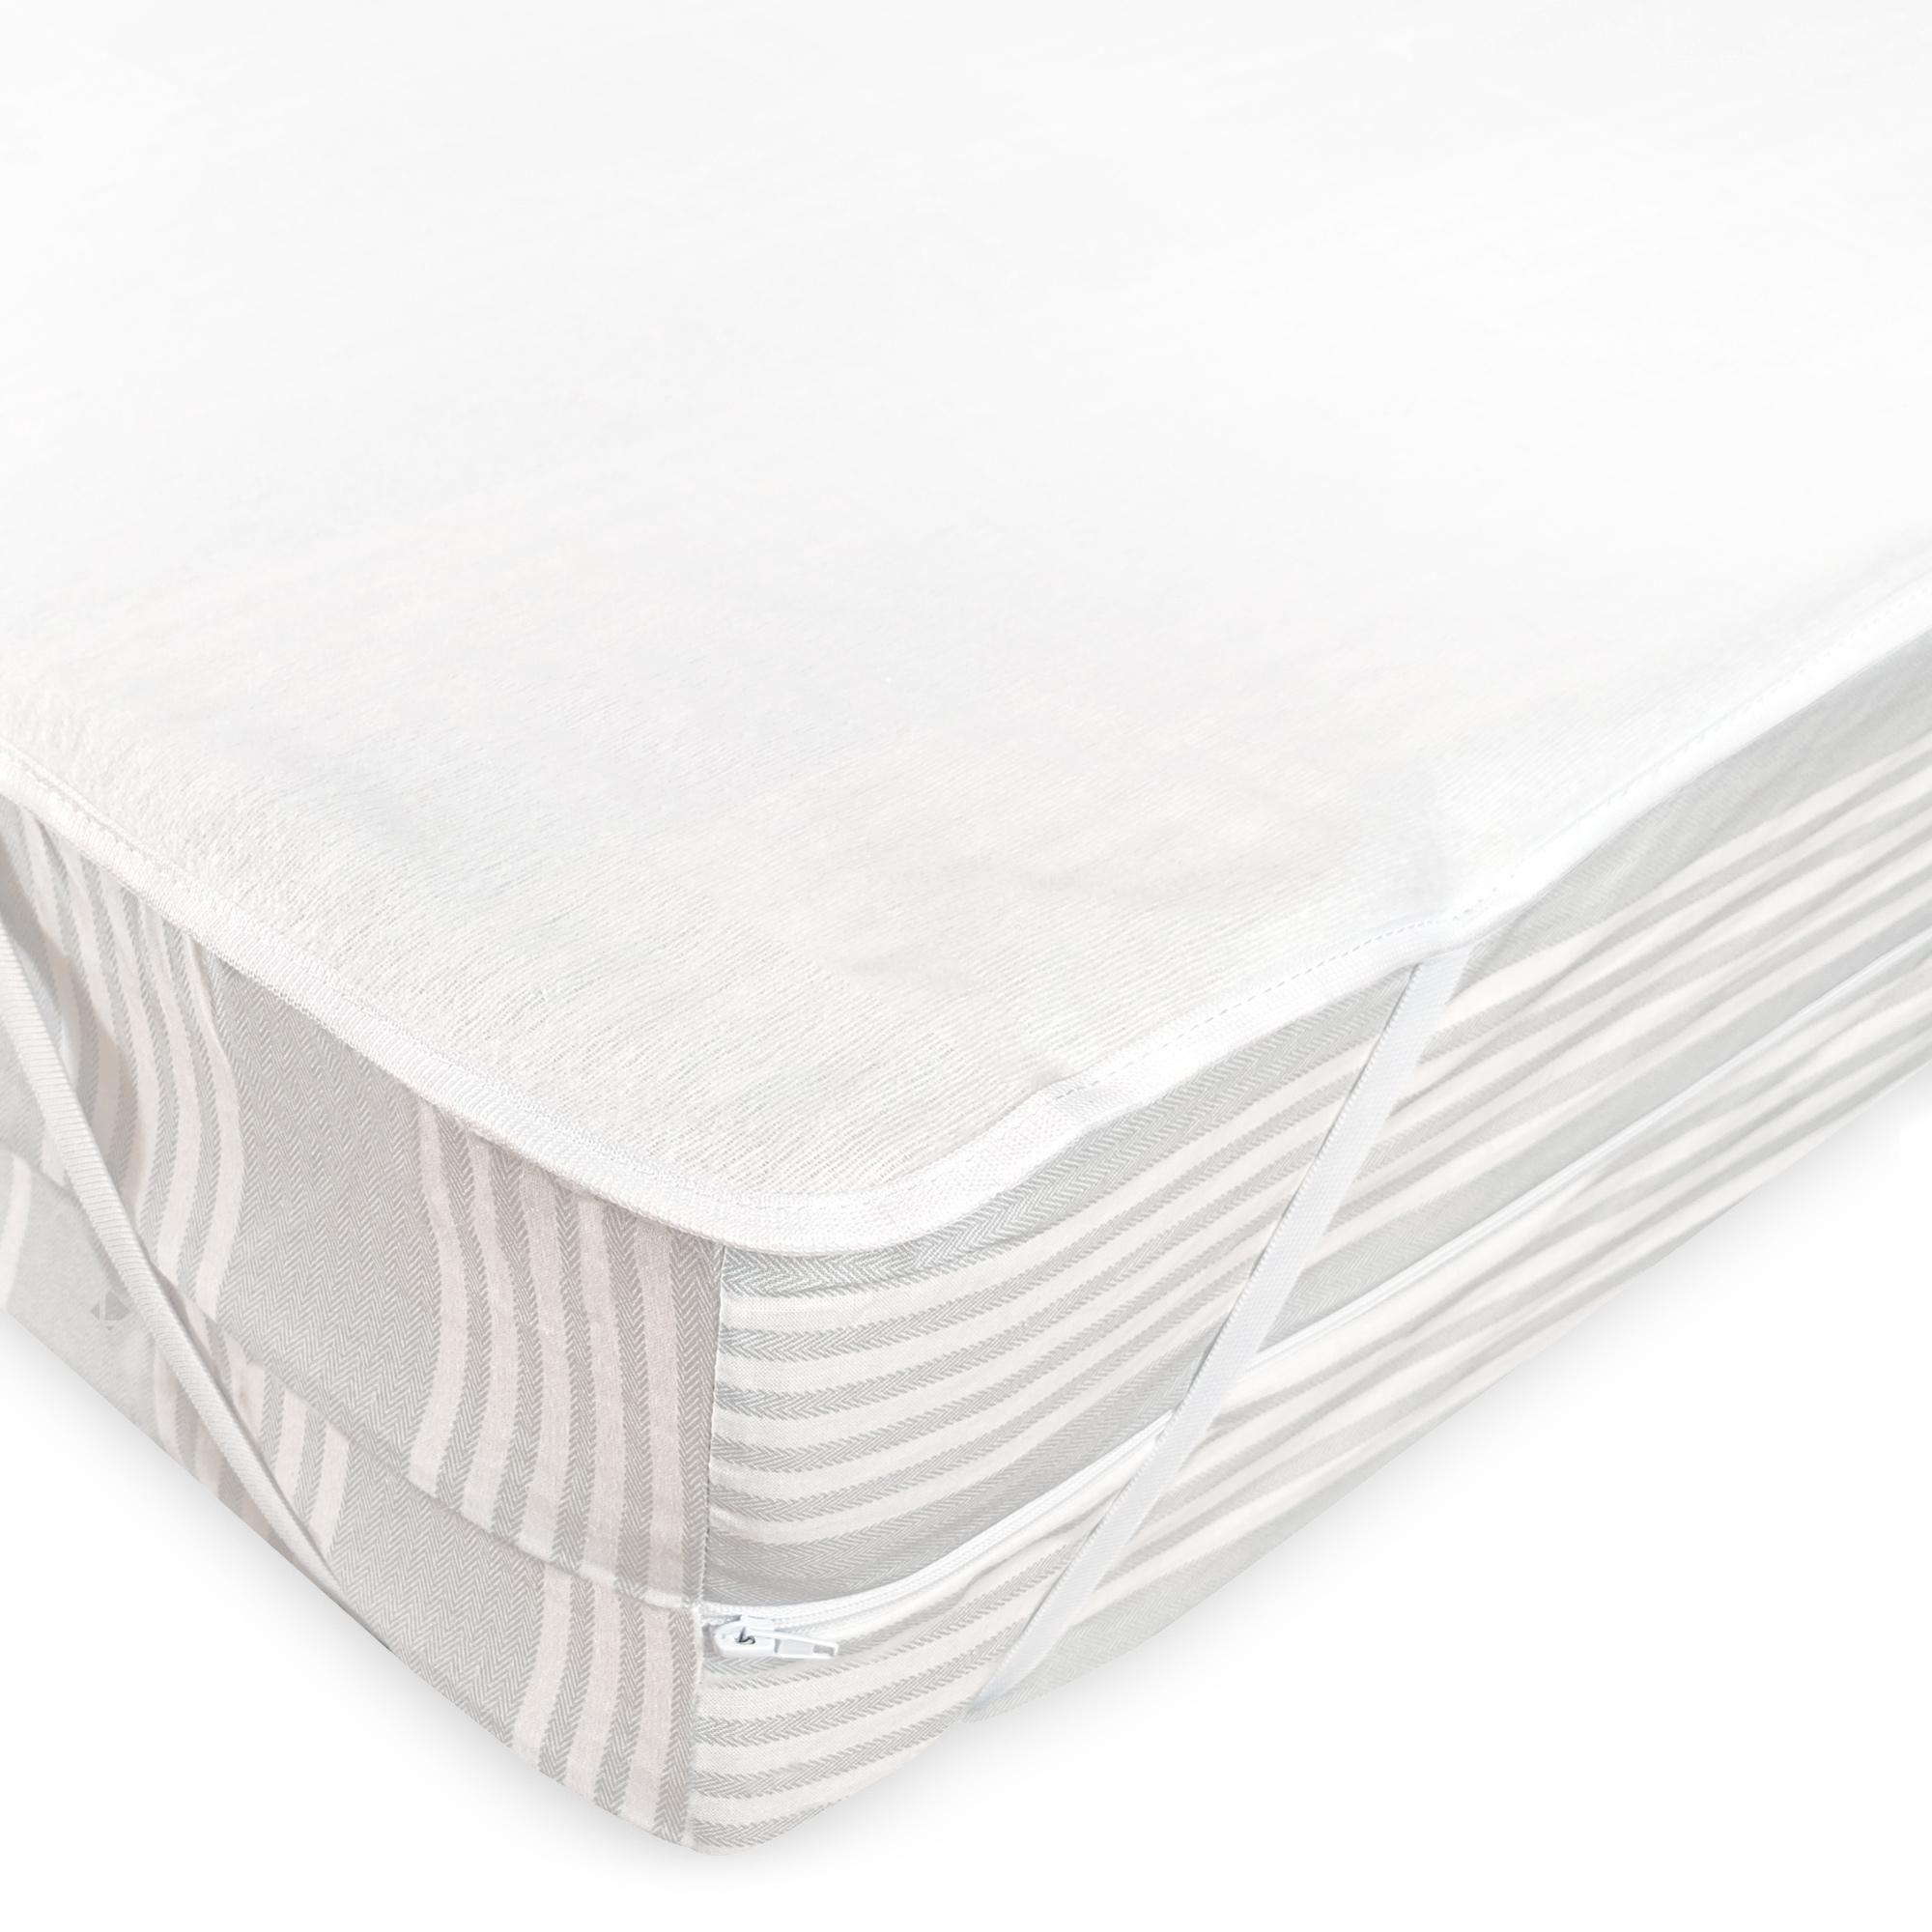 Linnea Alèse plate imperméable 180x190 cm ARNON molleton 100% coton contrecollé polyuréthane